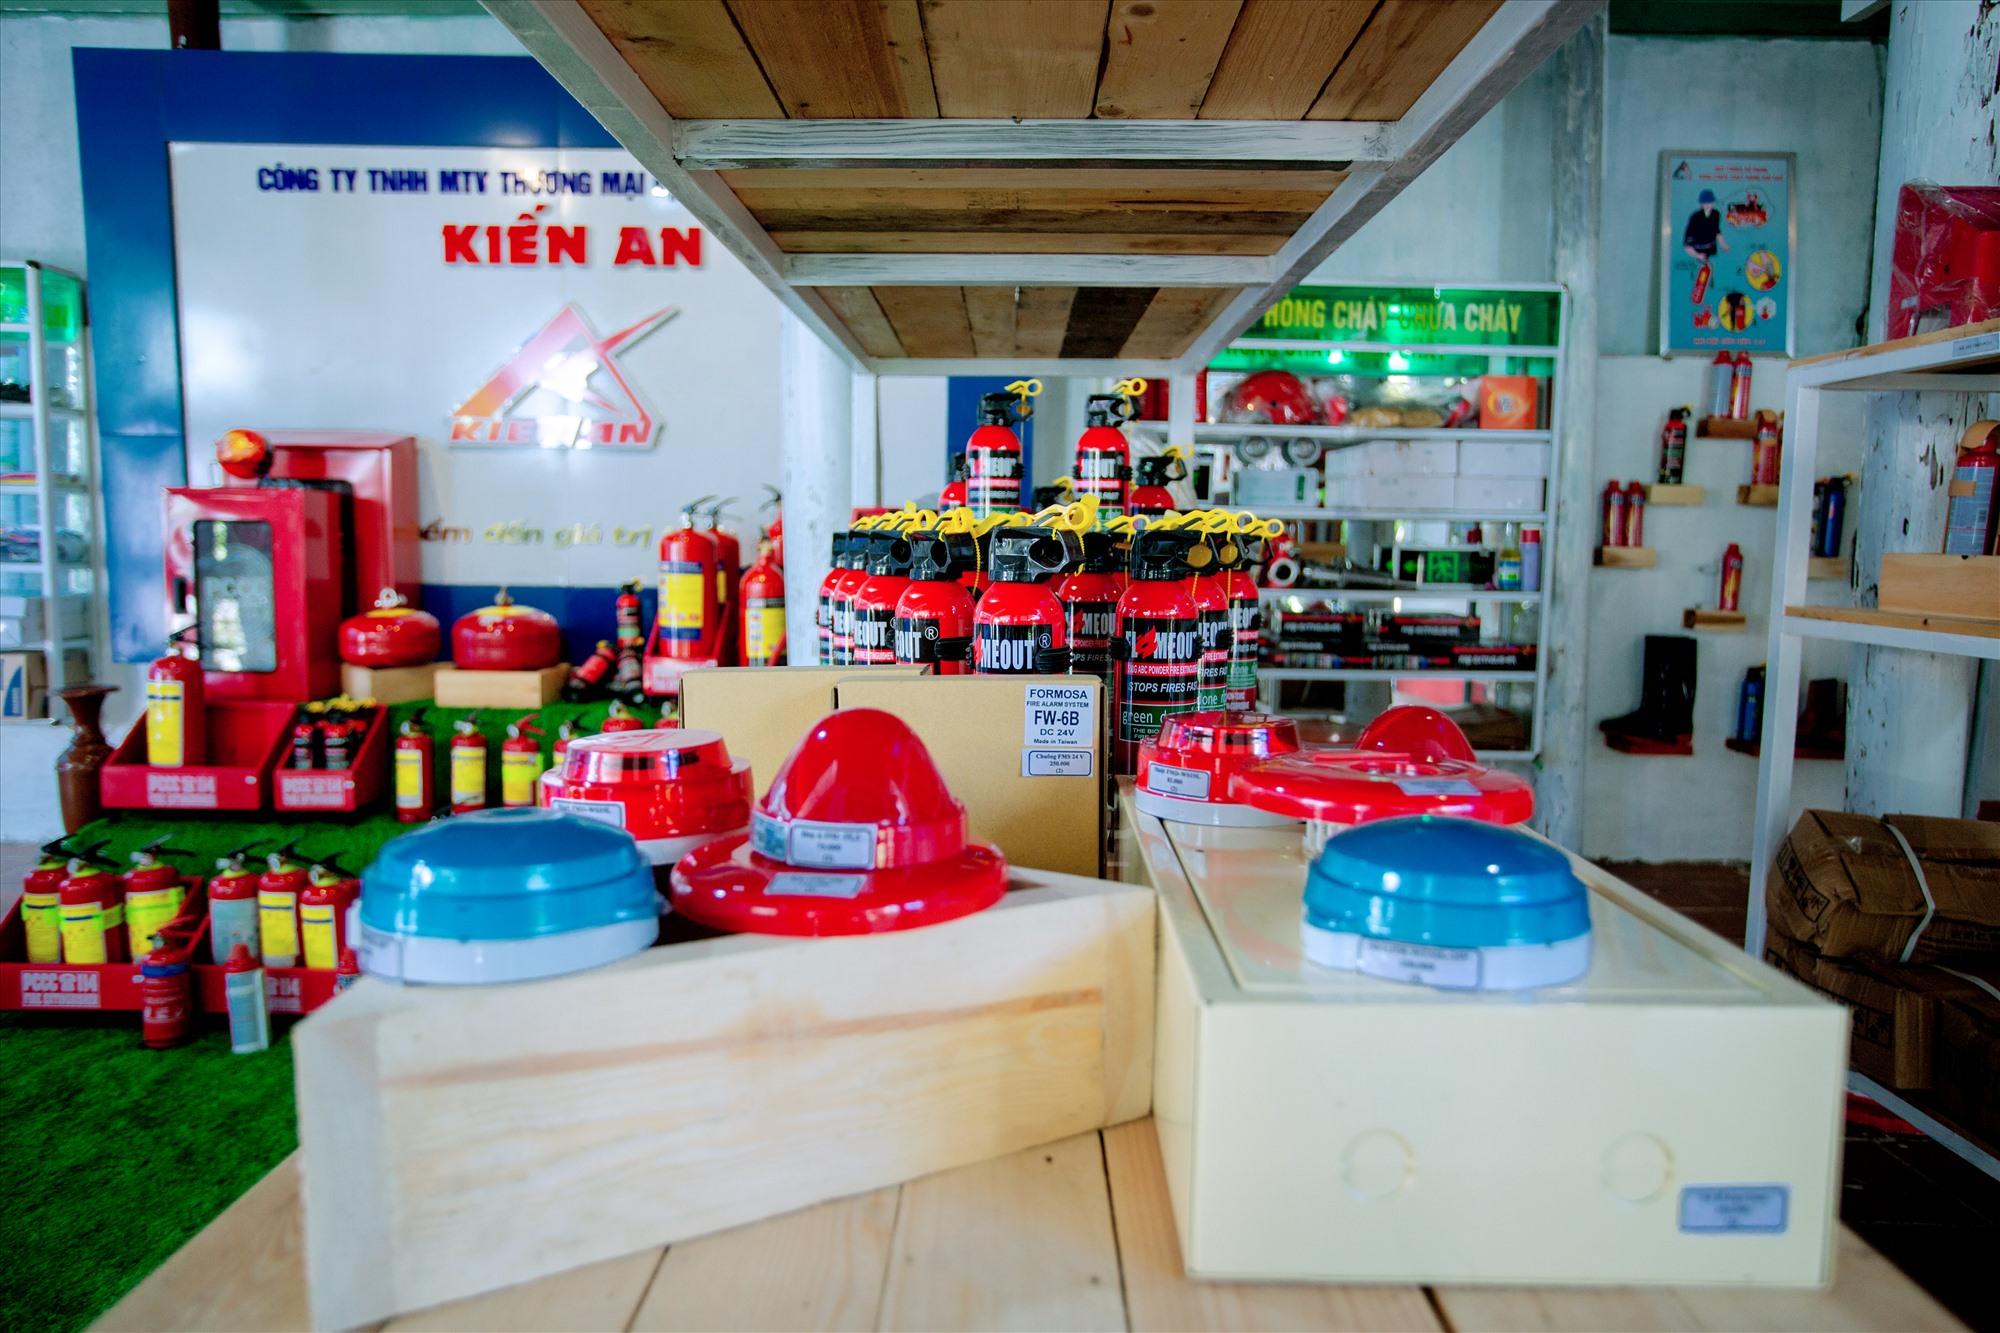 Showroom của công ty - nơi khách hàng đến tham quan, chọn lựa sản phẩm. Ảnh: K.A